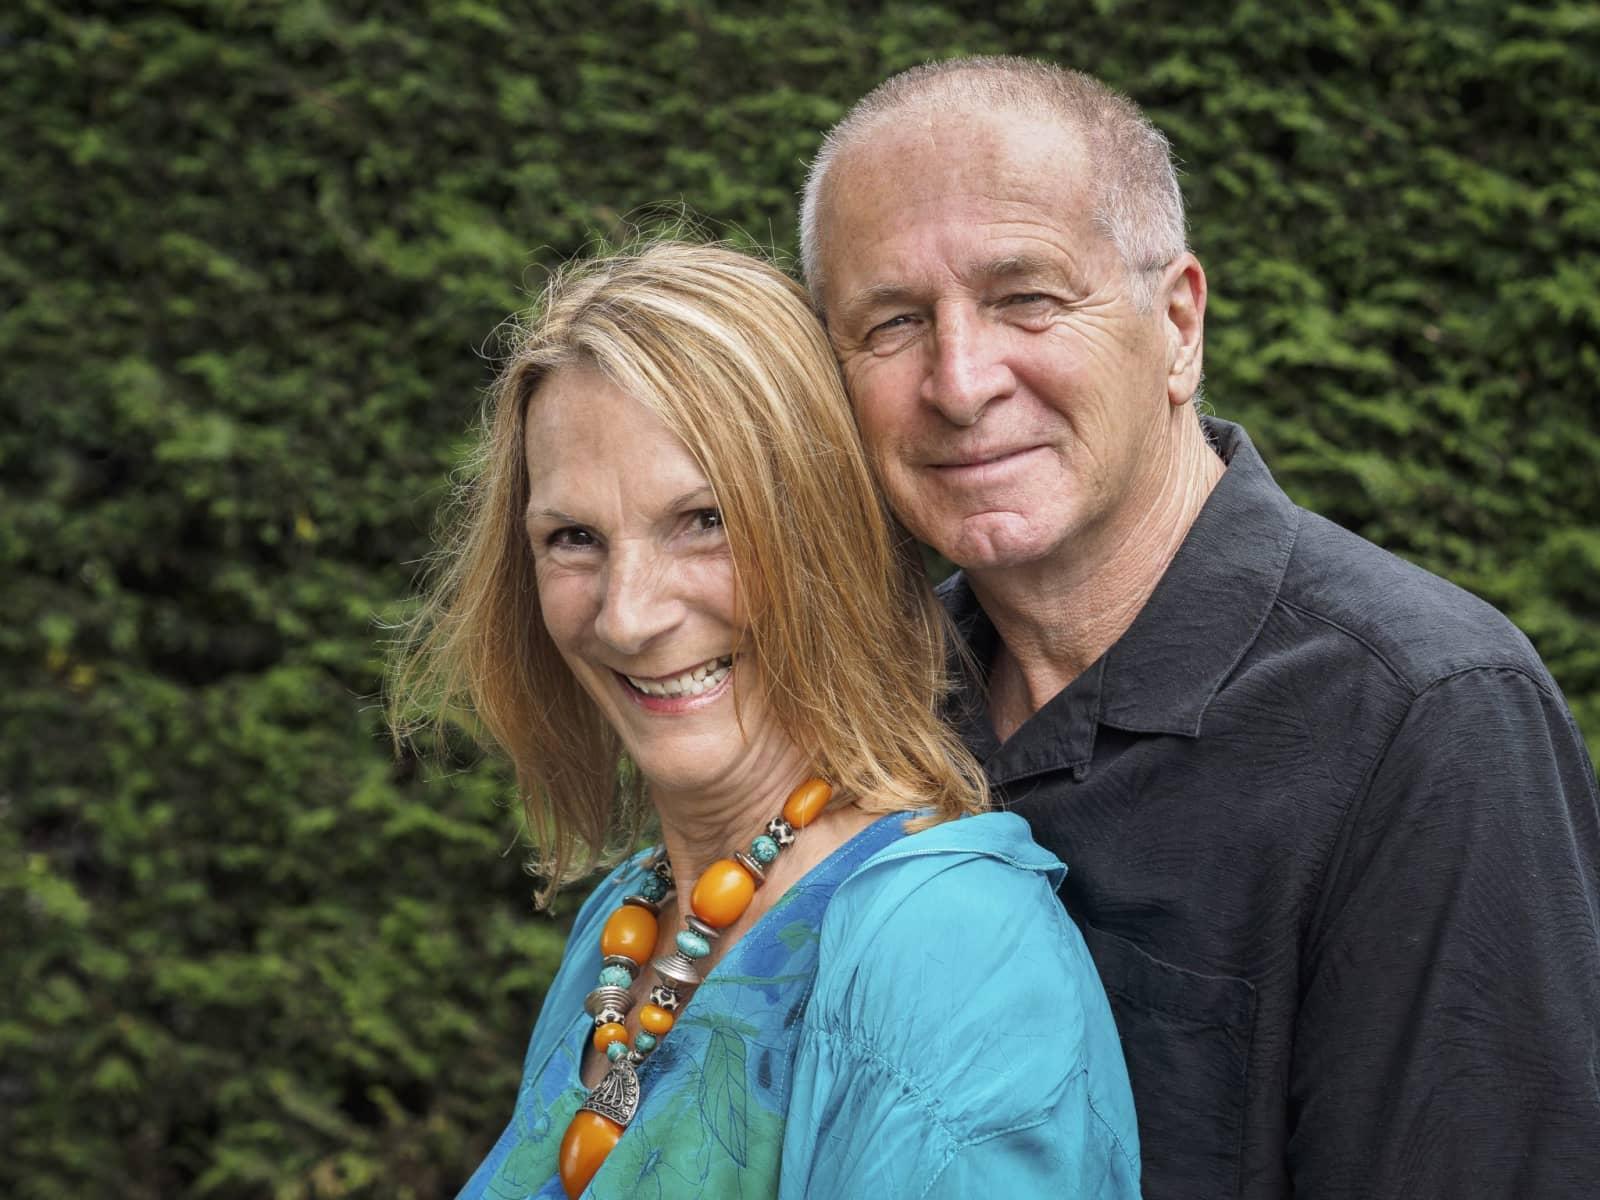 Leslie & Walter from Nanaimo, British Columbia, Canada